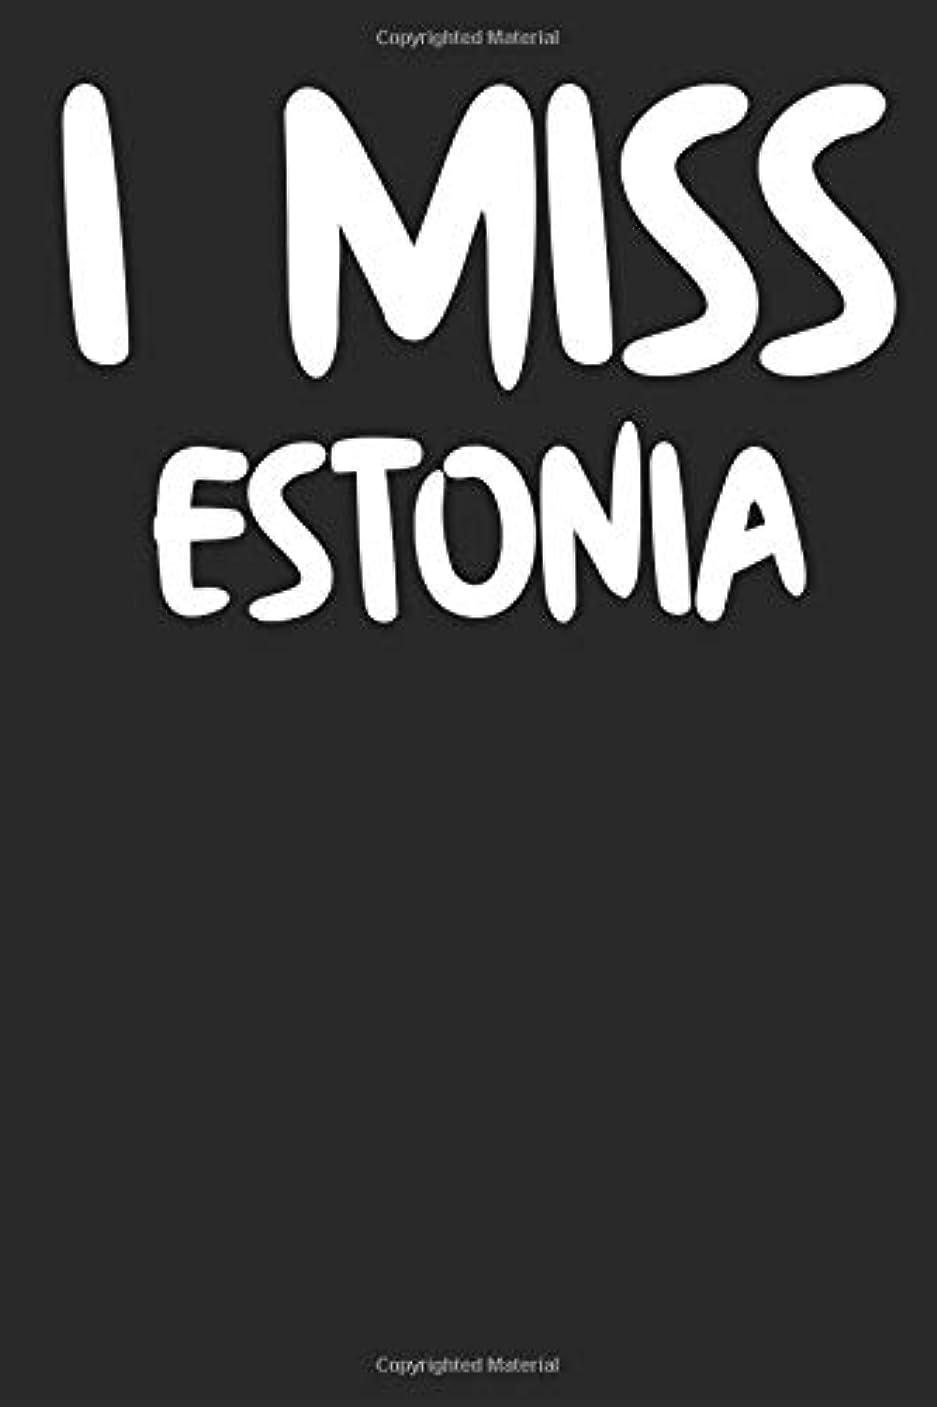 とネズミ難民I Miss Estonia: A Notebook